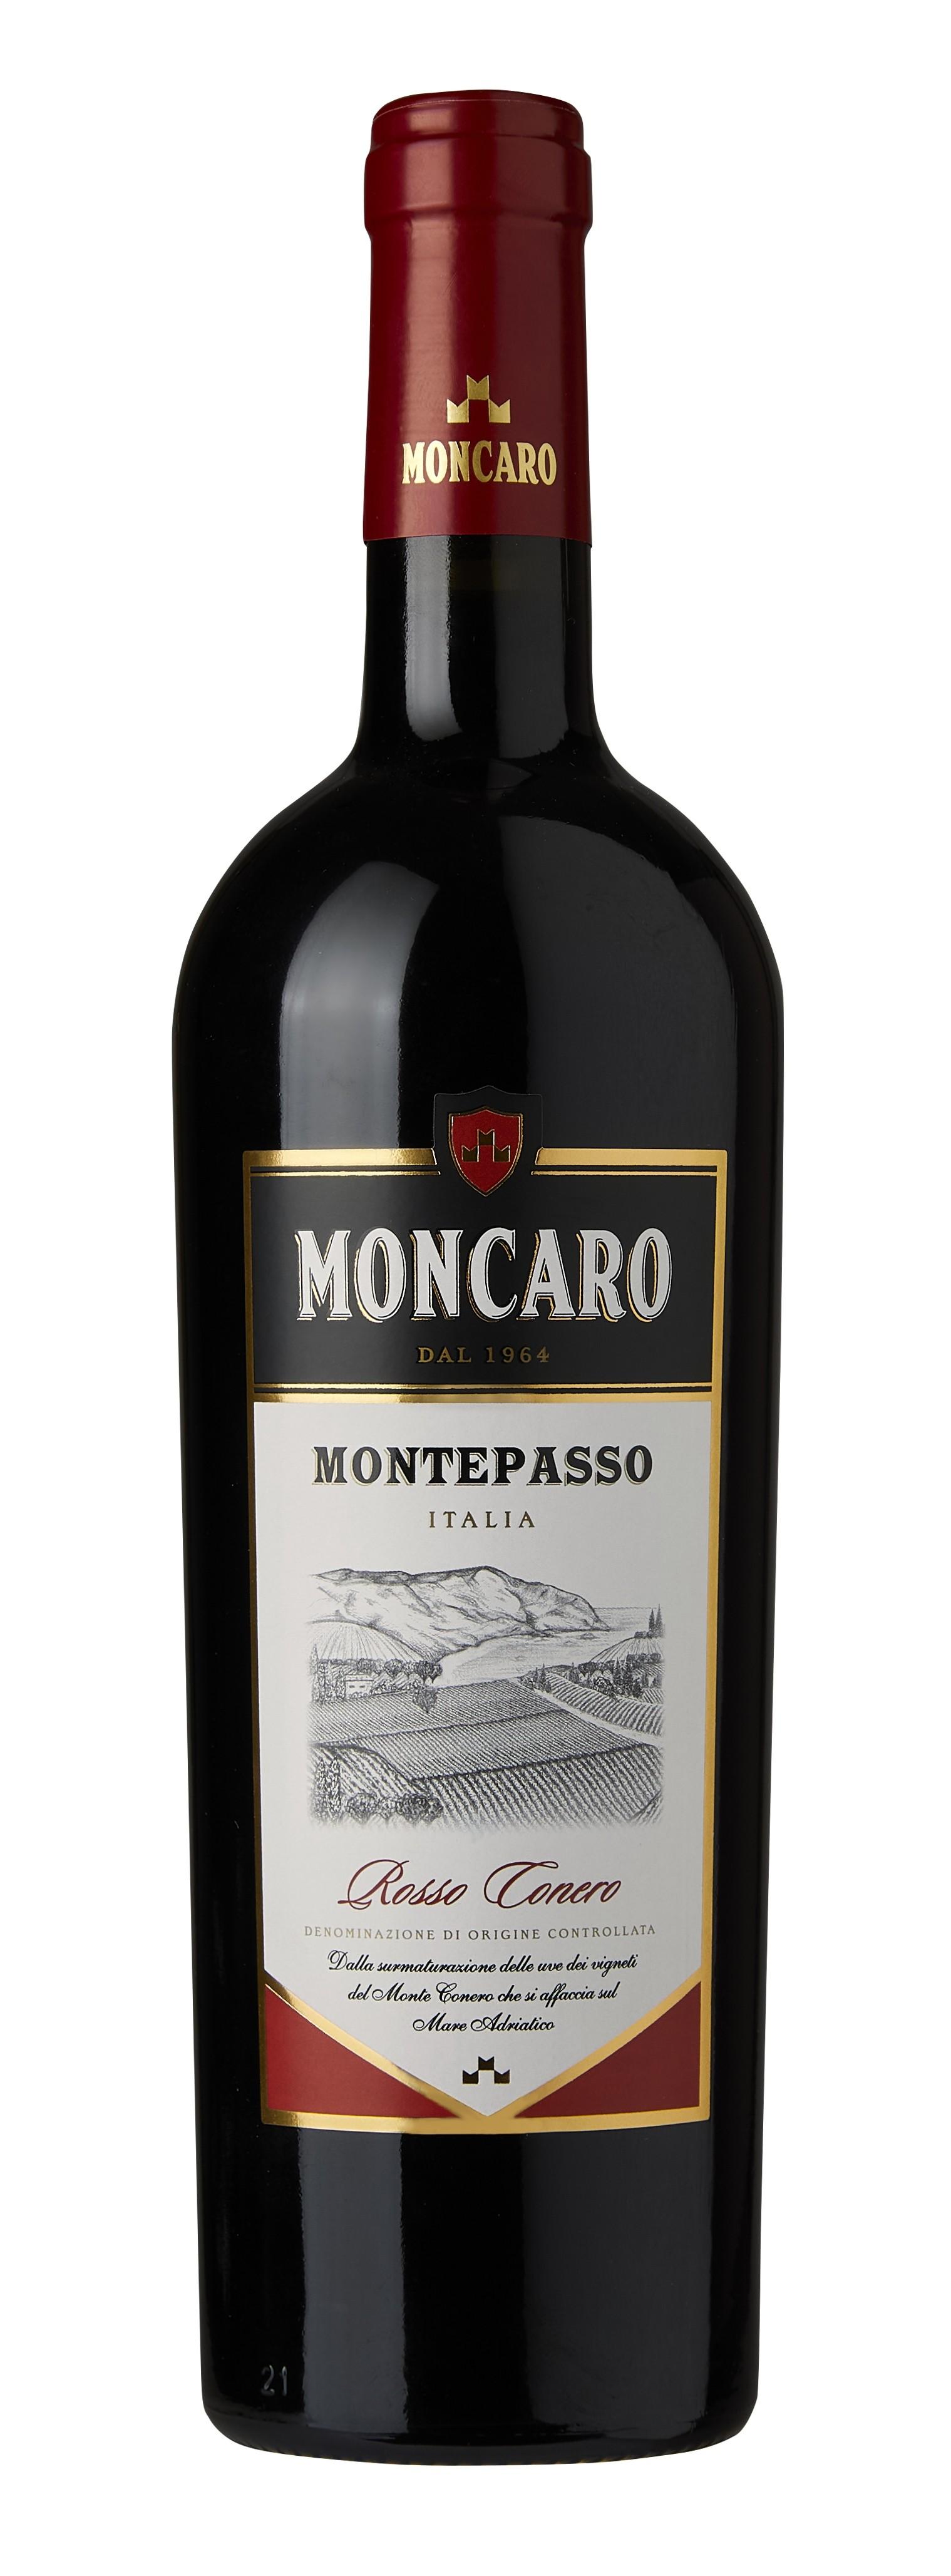 Montepasso